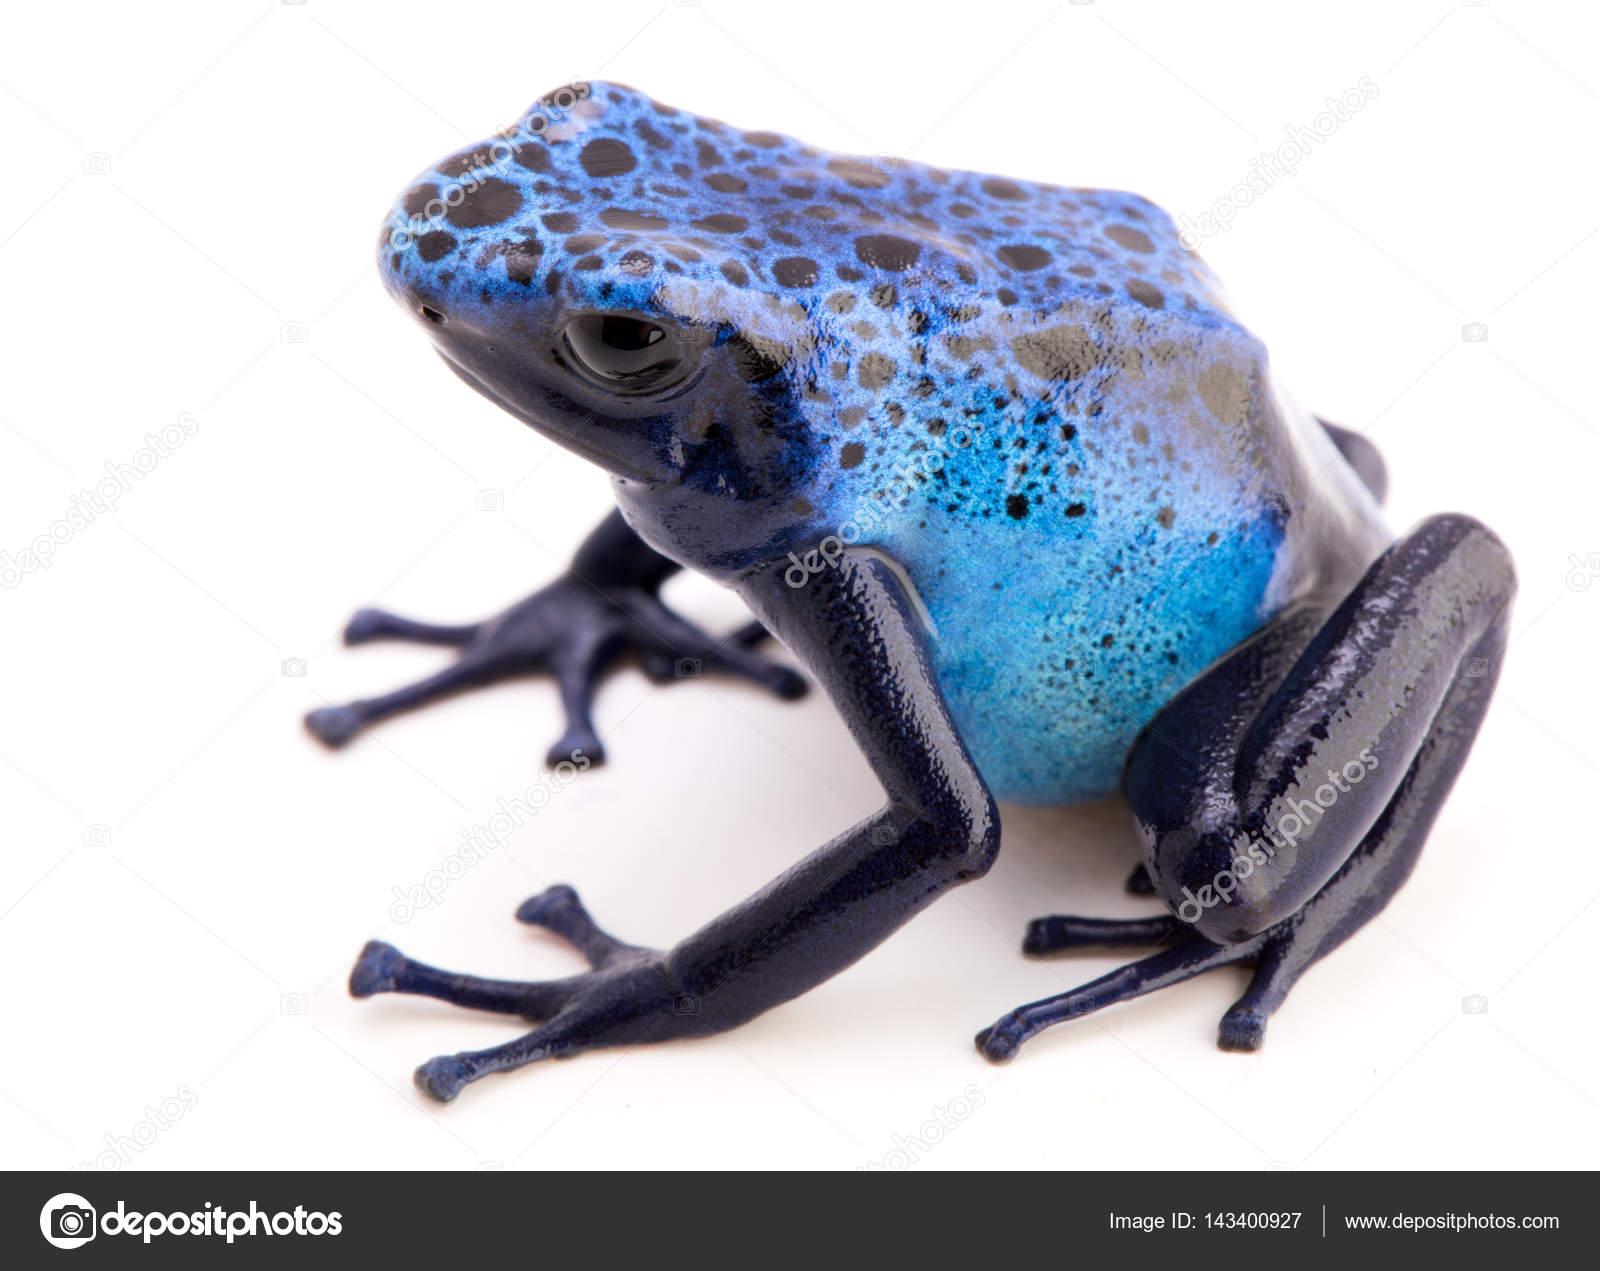 Grenouille Bleue Venimeuse grenouille bleue toxique — photographie kikkerdirk © #143400927